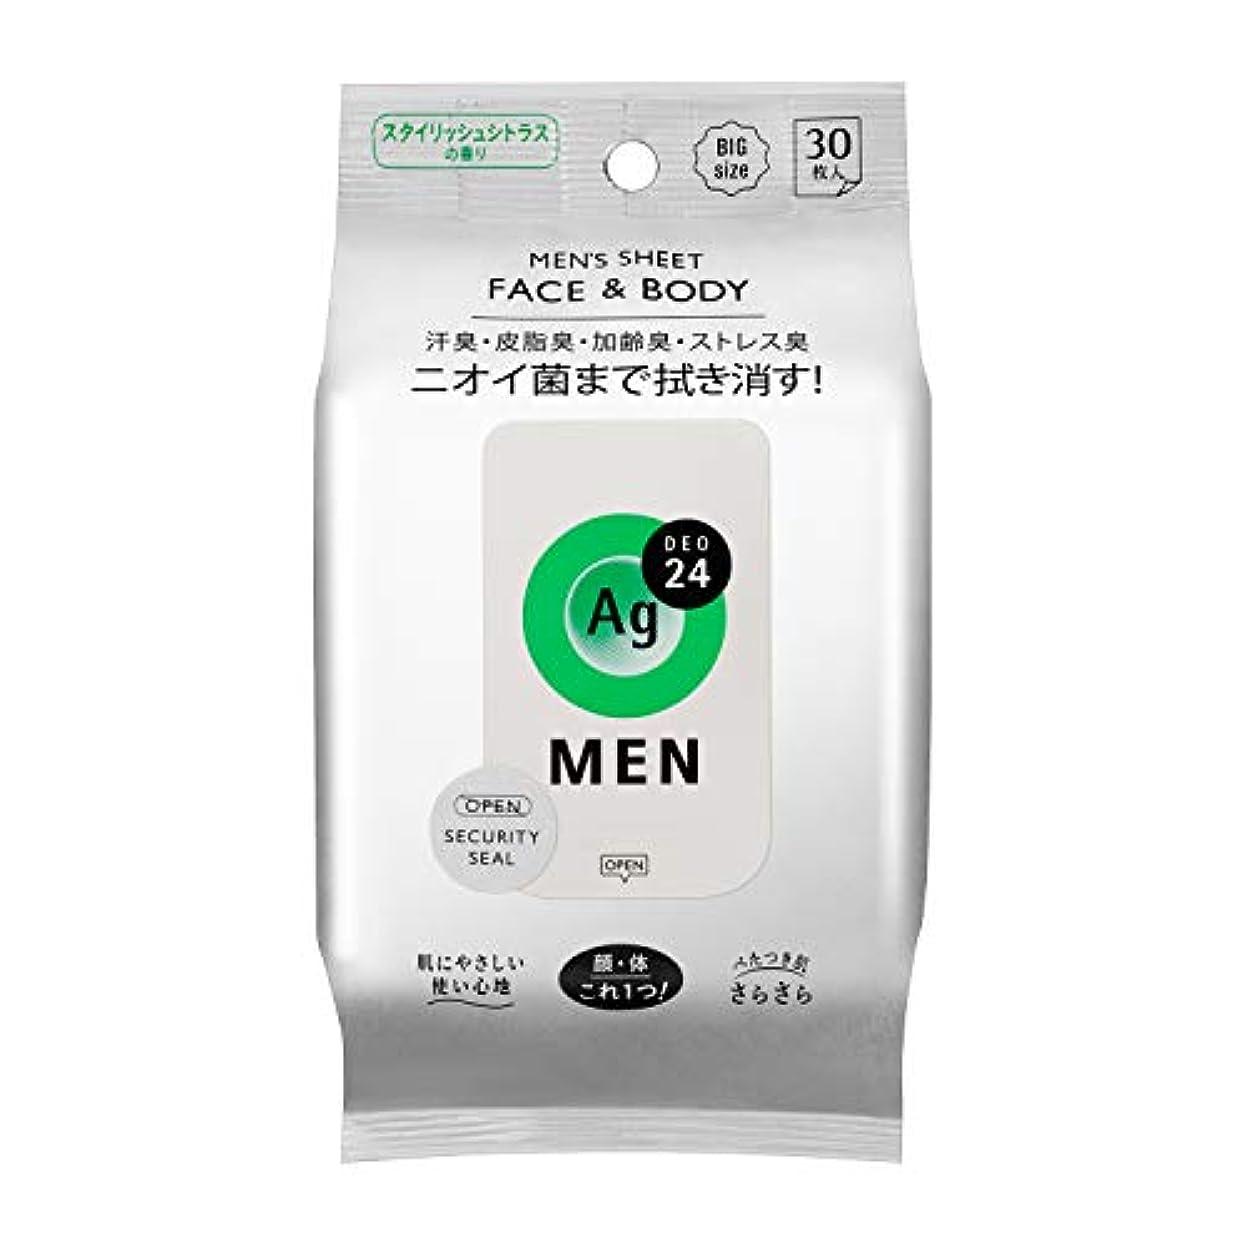 初期のパンツ役員エージー24メン メンズシート フェイス&ボディ(シトラス)30枚